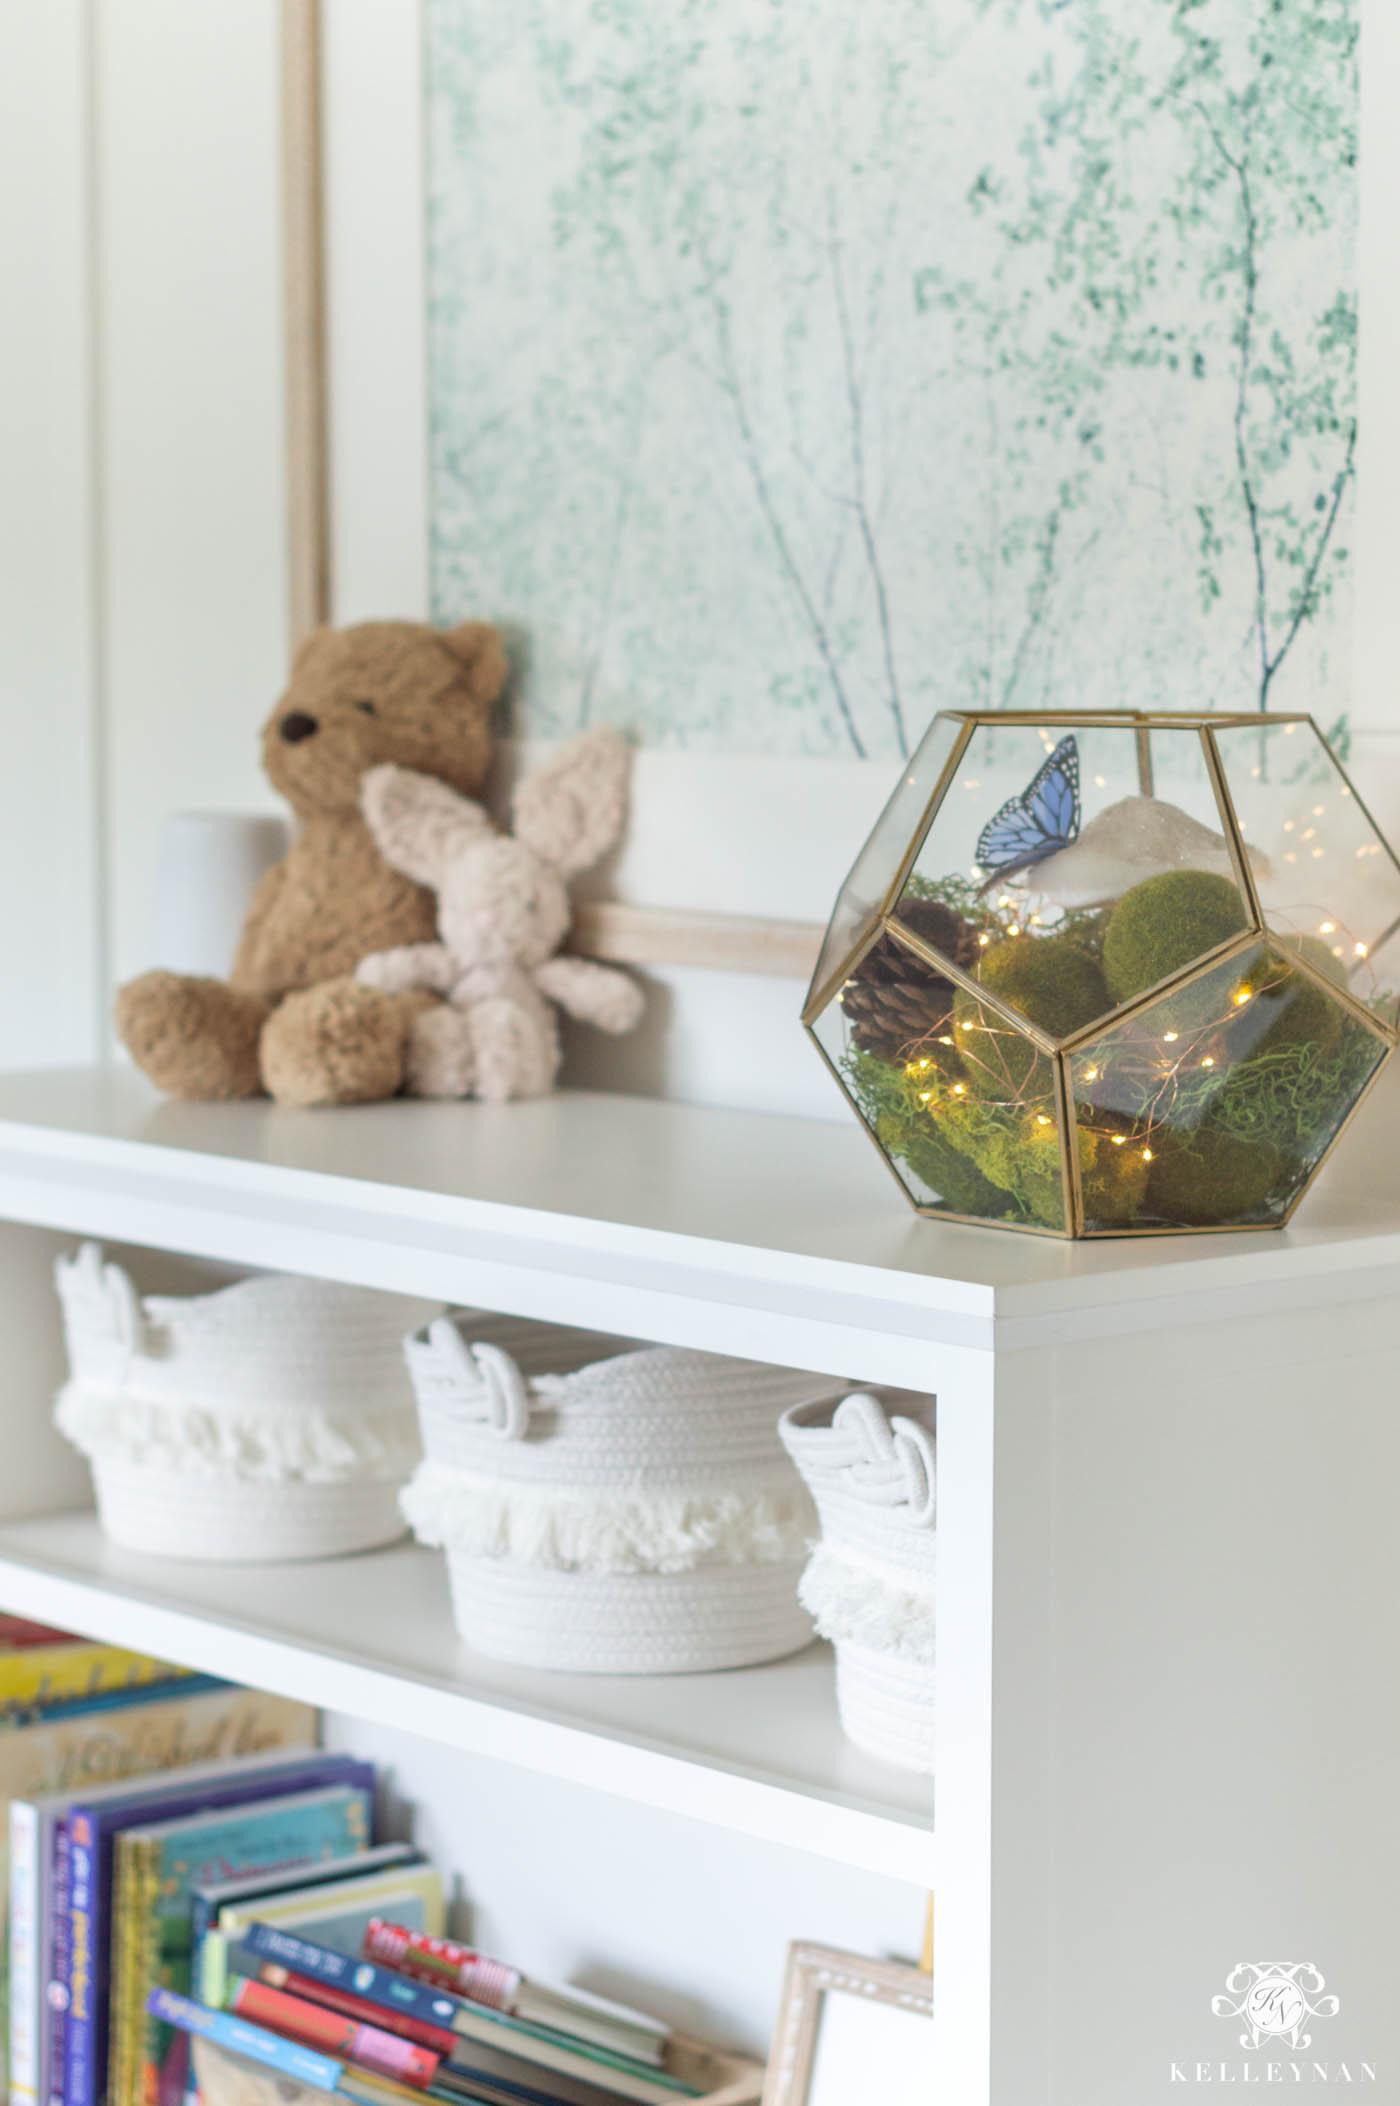 Baby Girl Nursery Decor: Bookshelf Fairy Garden Terrarium